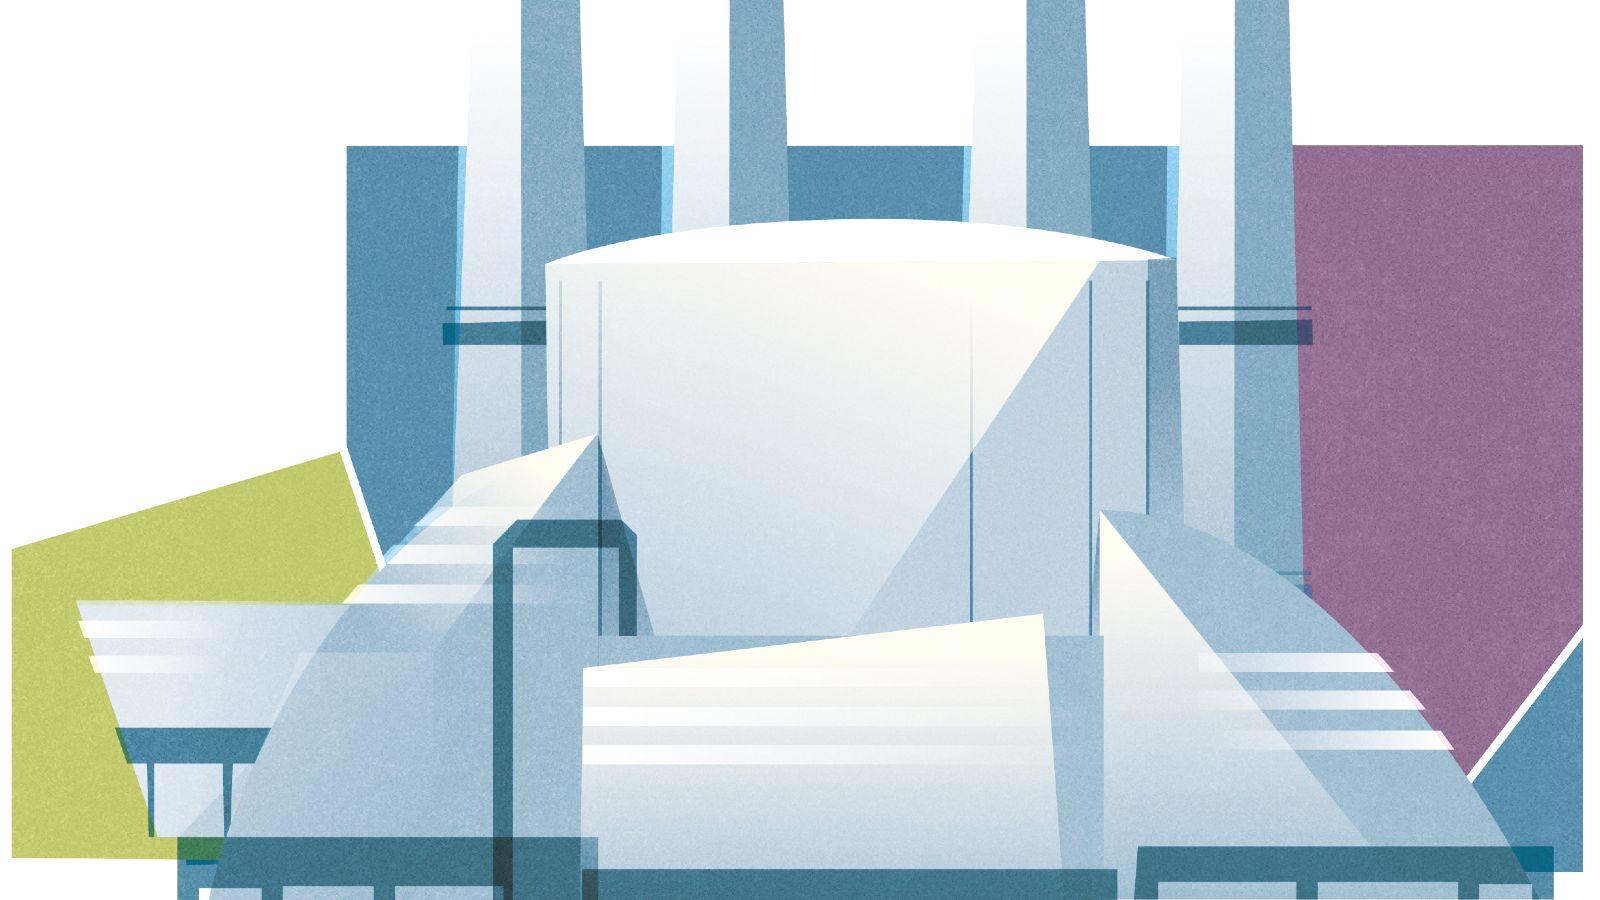 Das Bild zeigt die Zeichnung eines Chemiewerks.